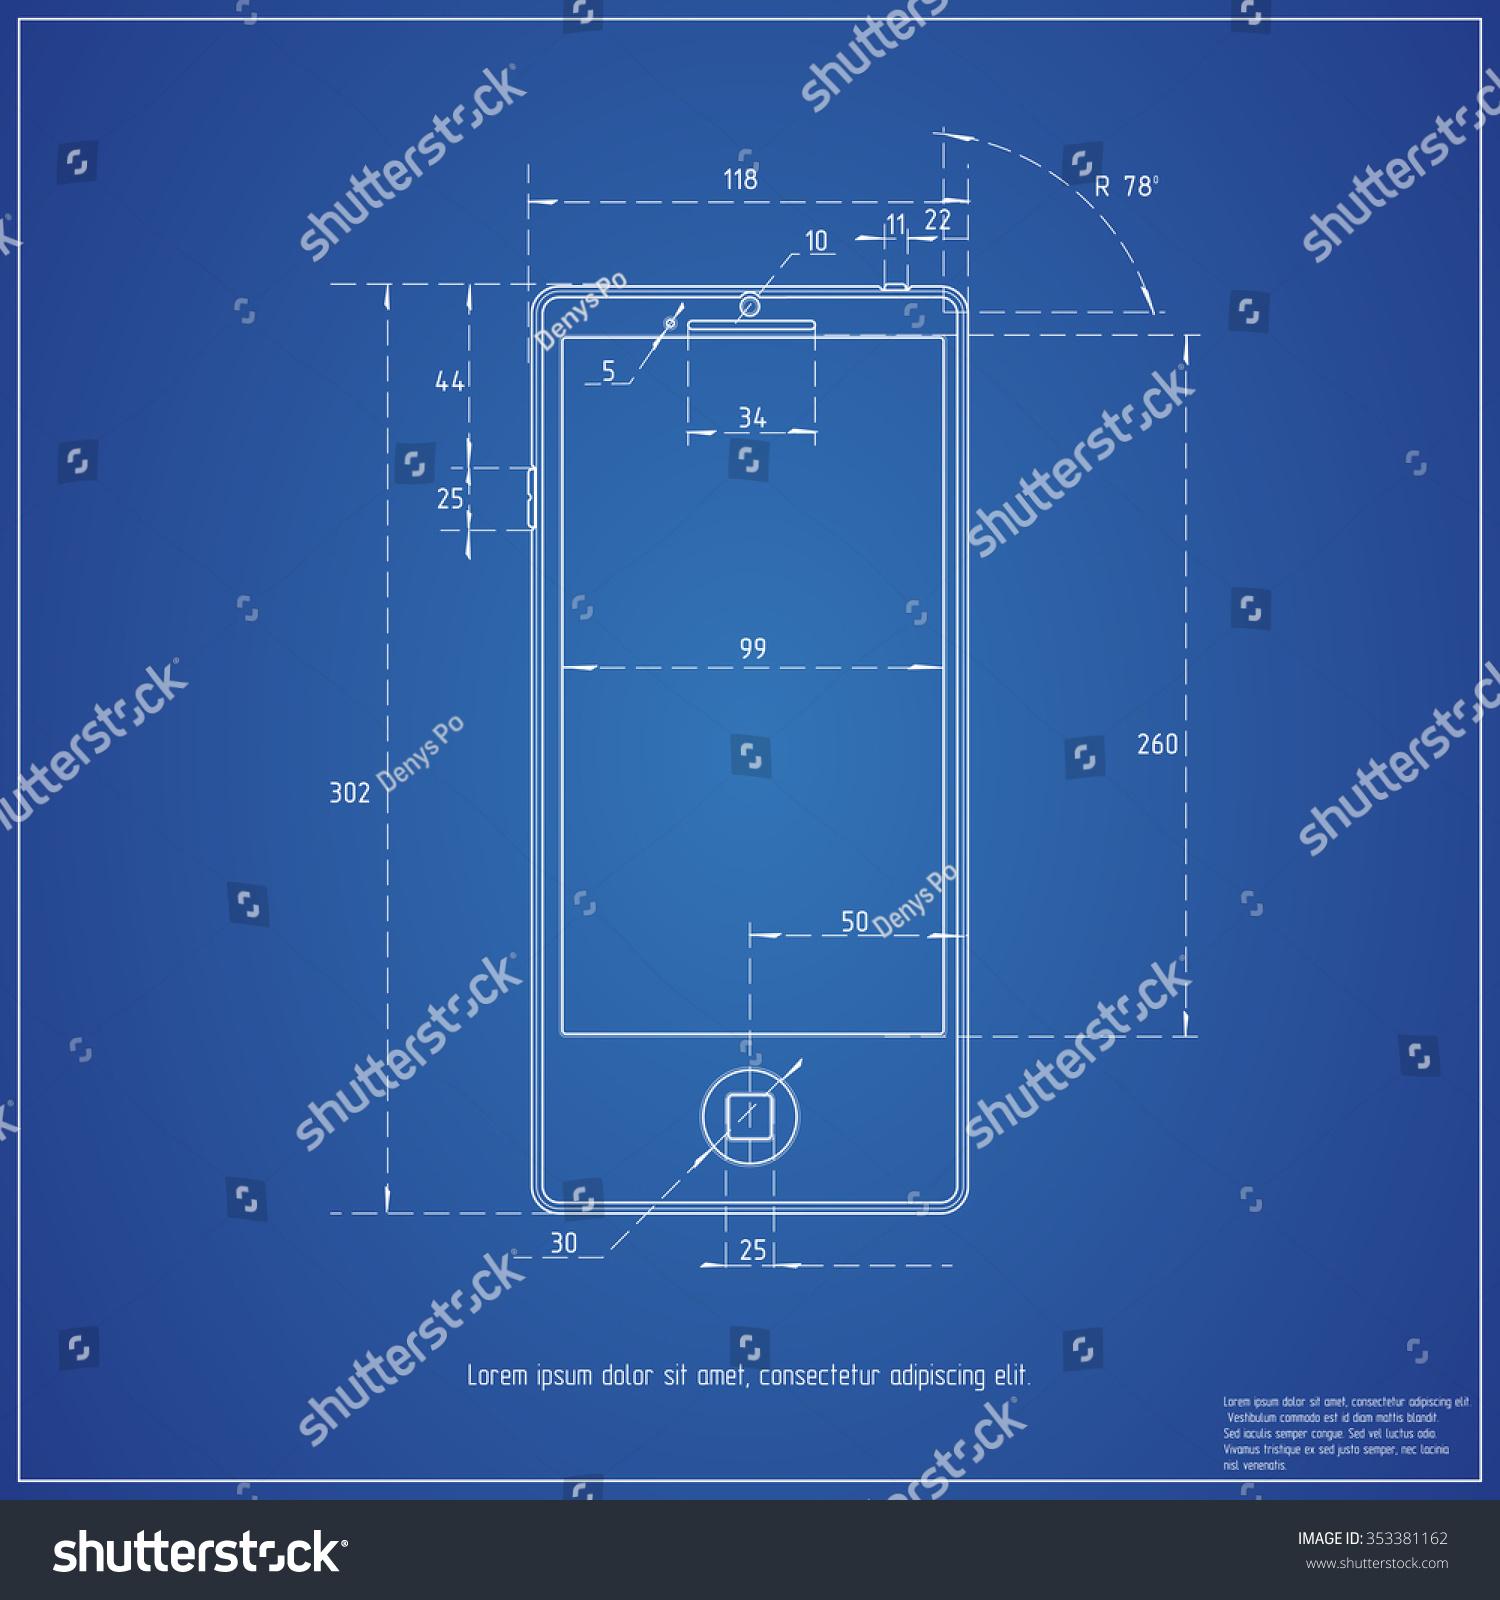 Blueprint smartphone vector de stock353381162 shutterstock malvernweather Image collections